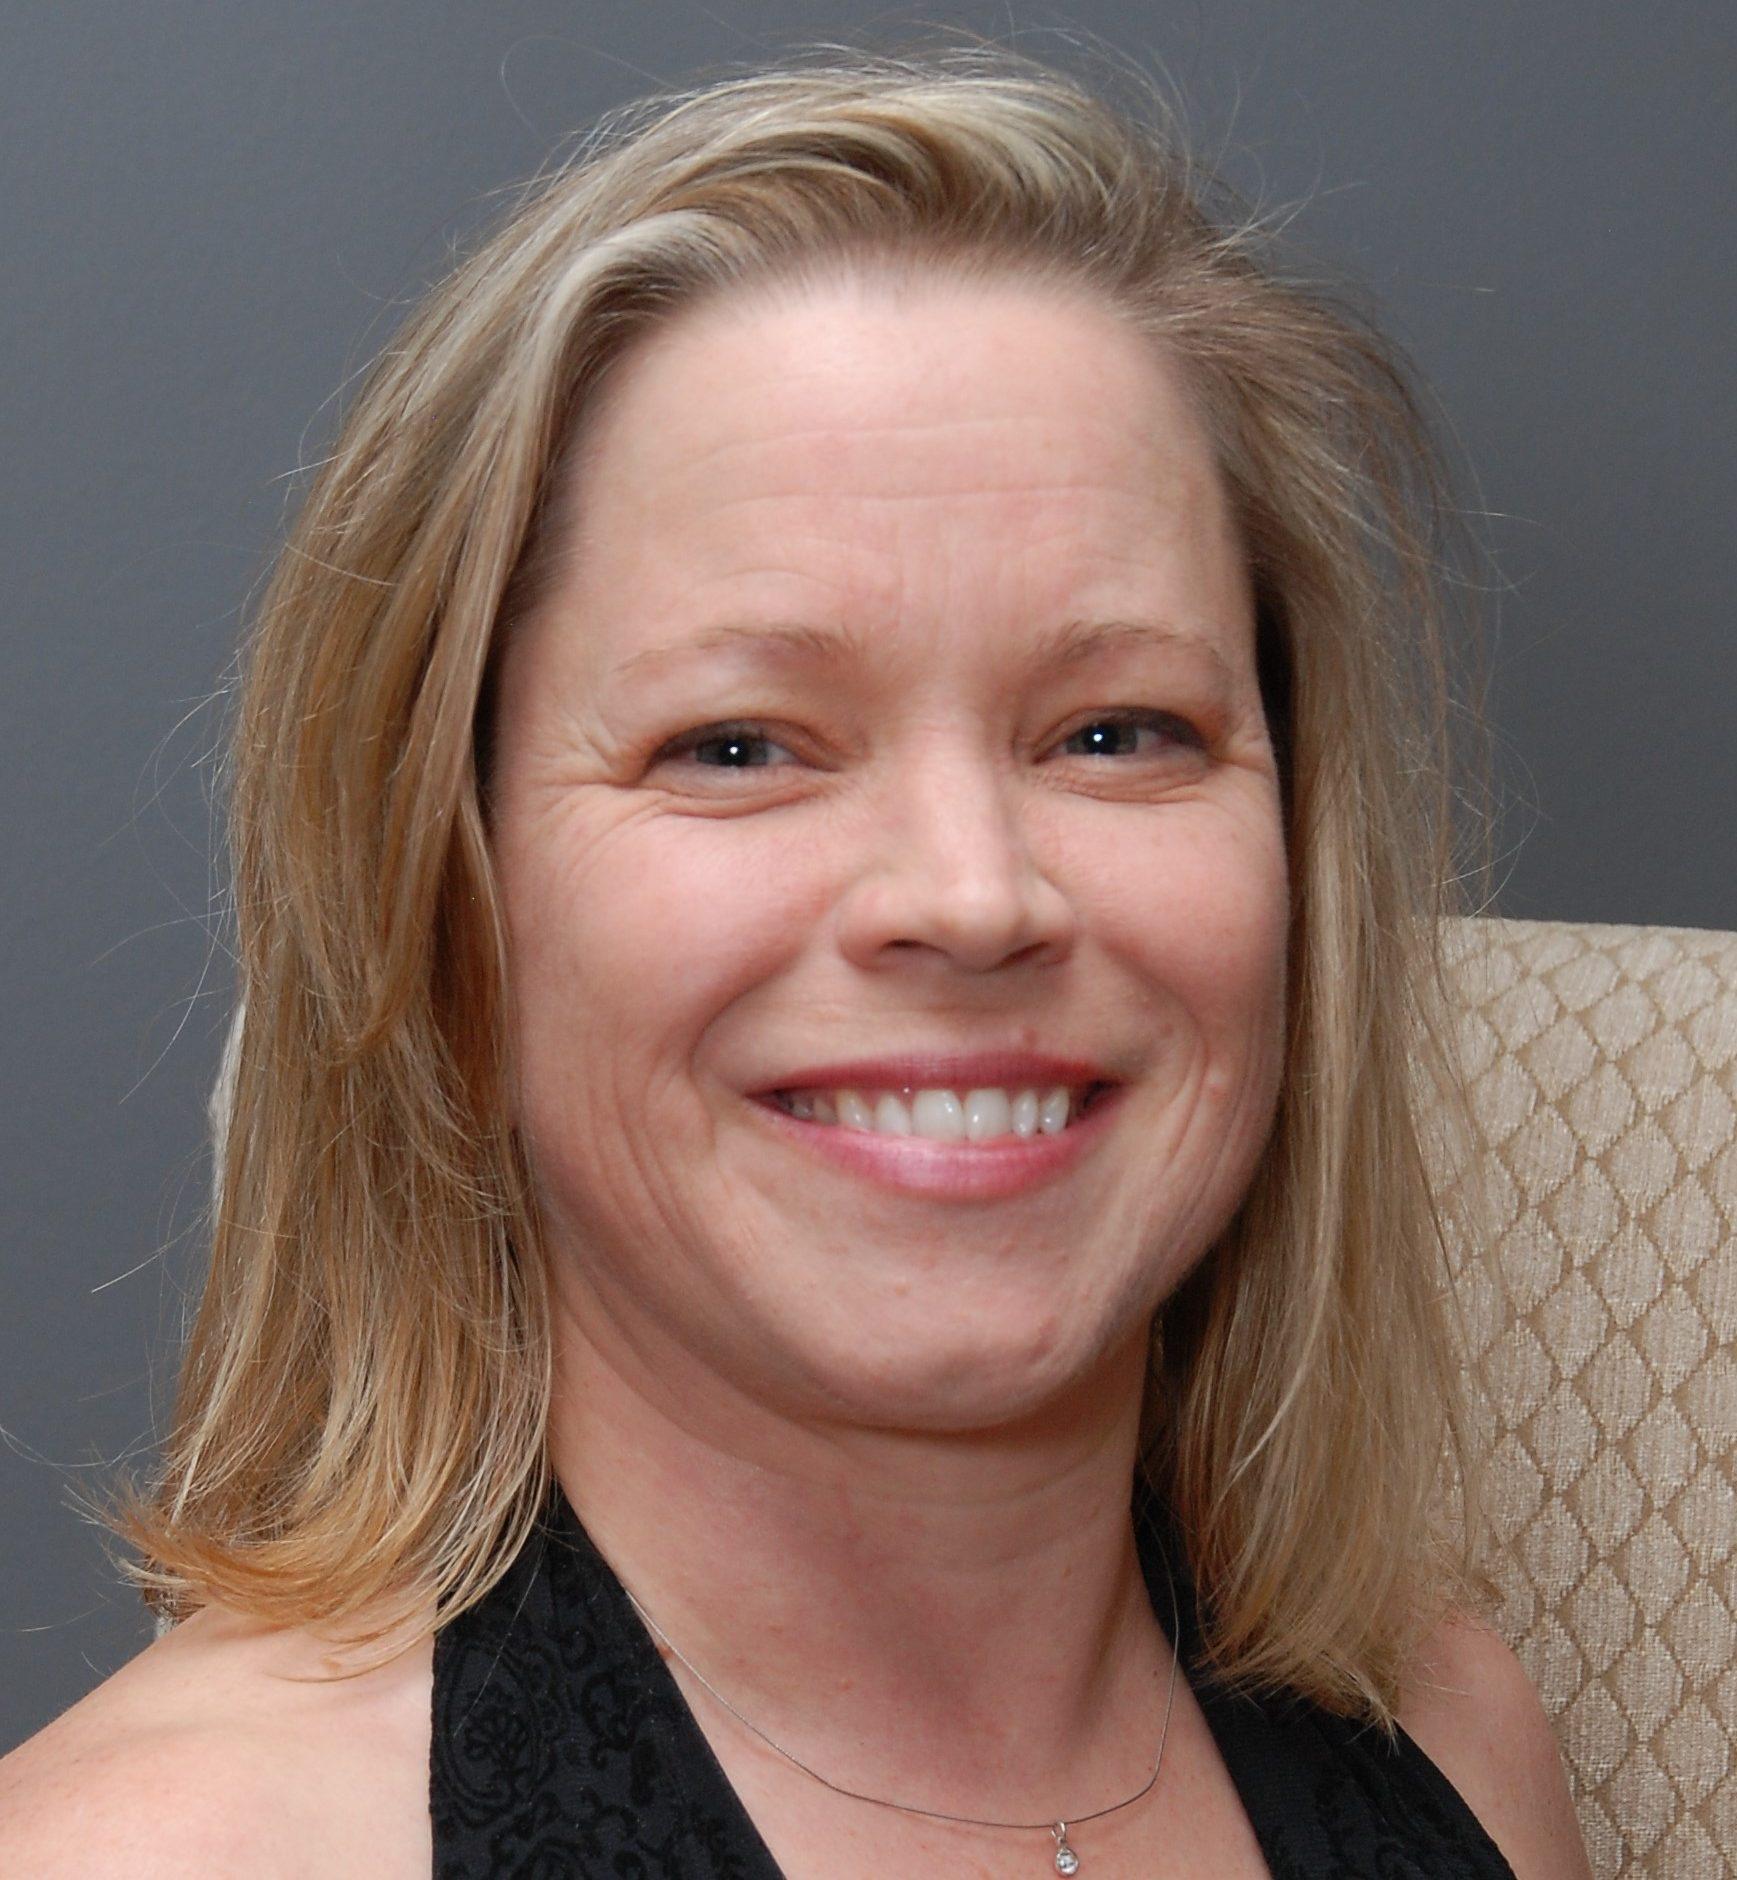 Sonia Leblanc